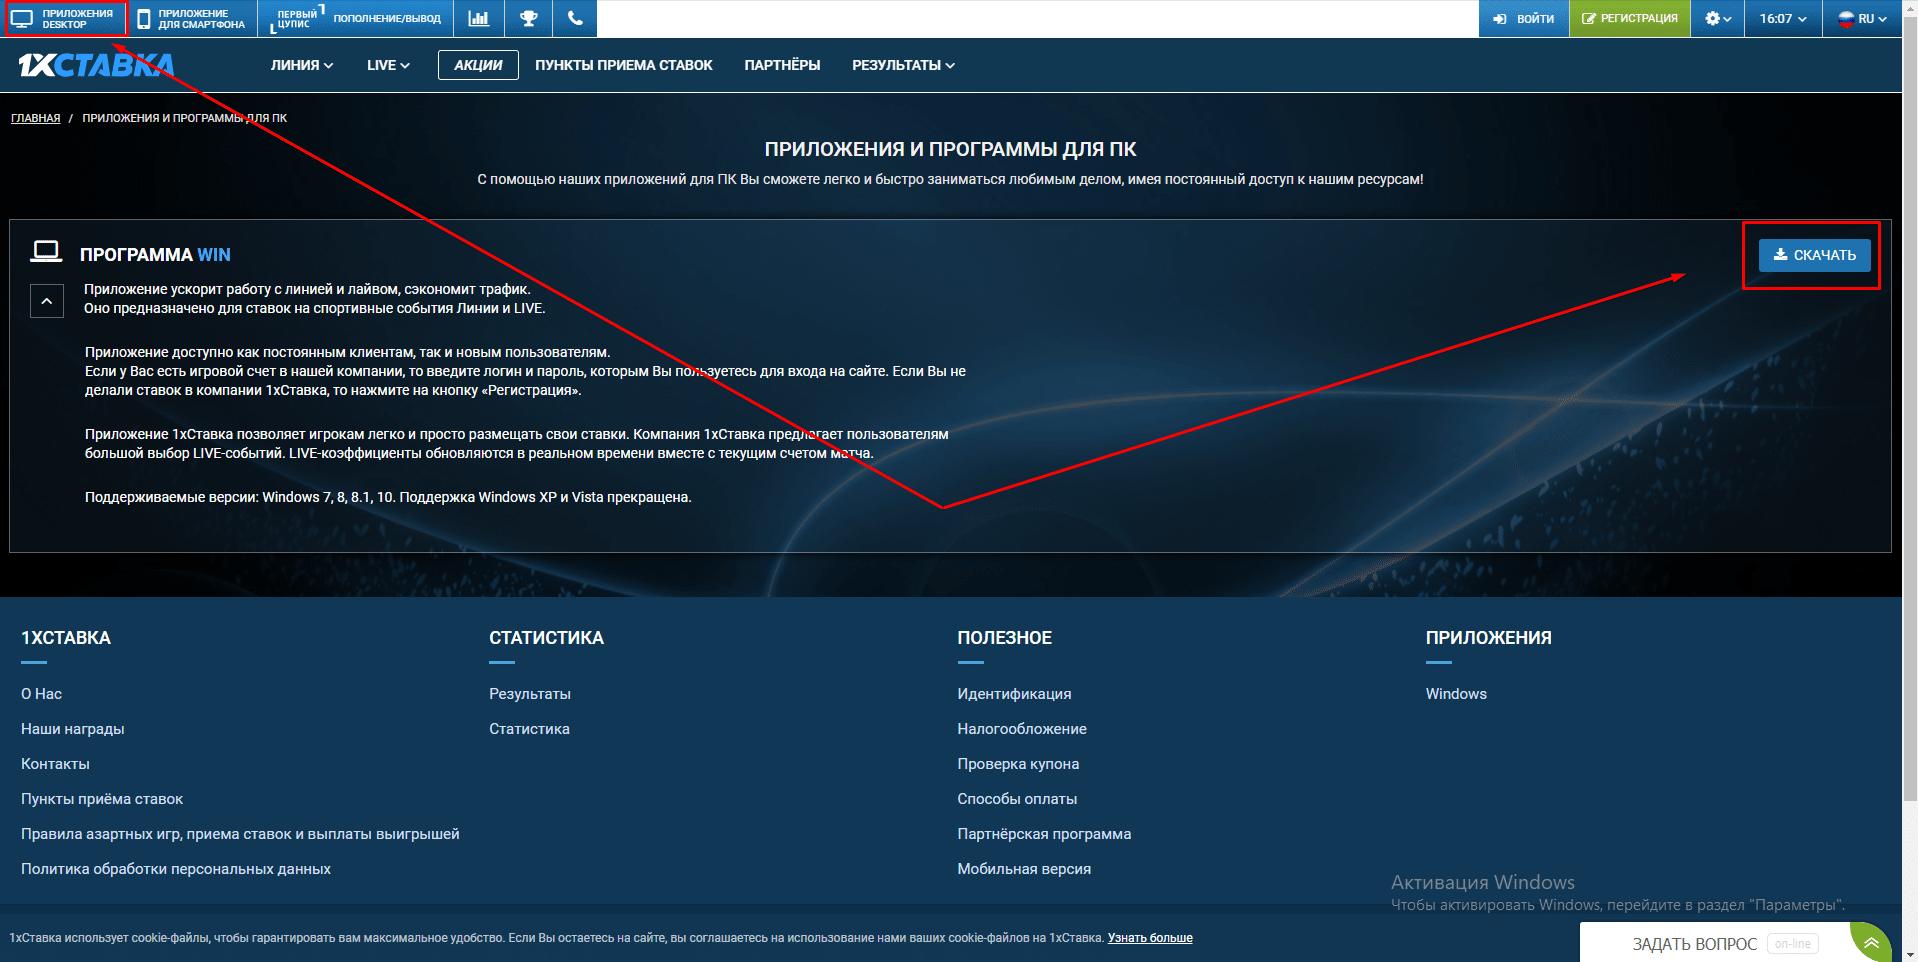 Приложение для персонального компьютера от букмекера 1хСтавка